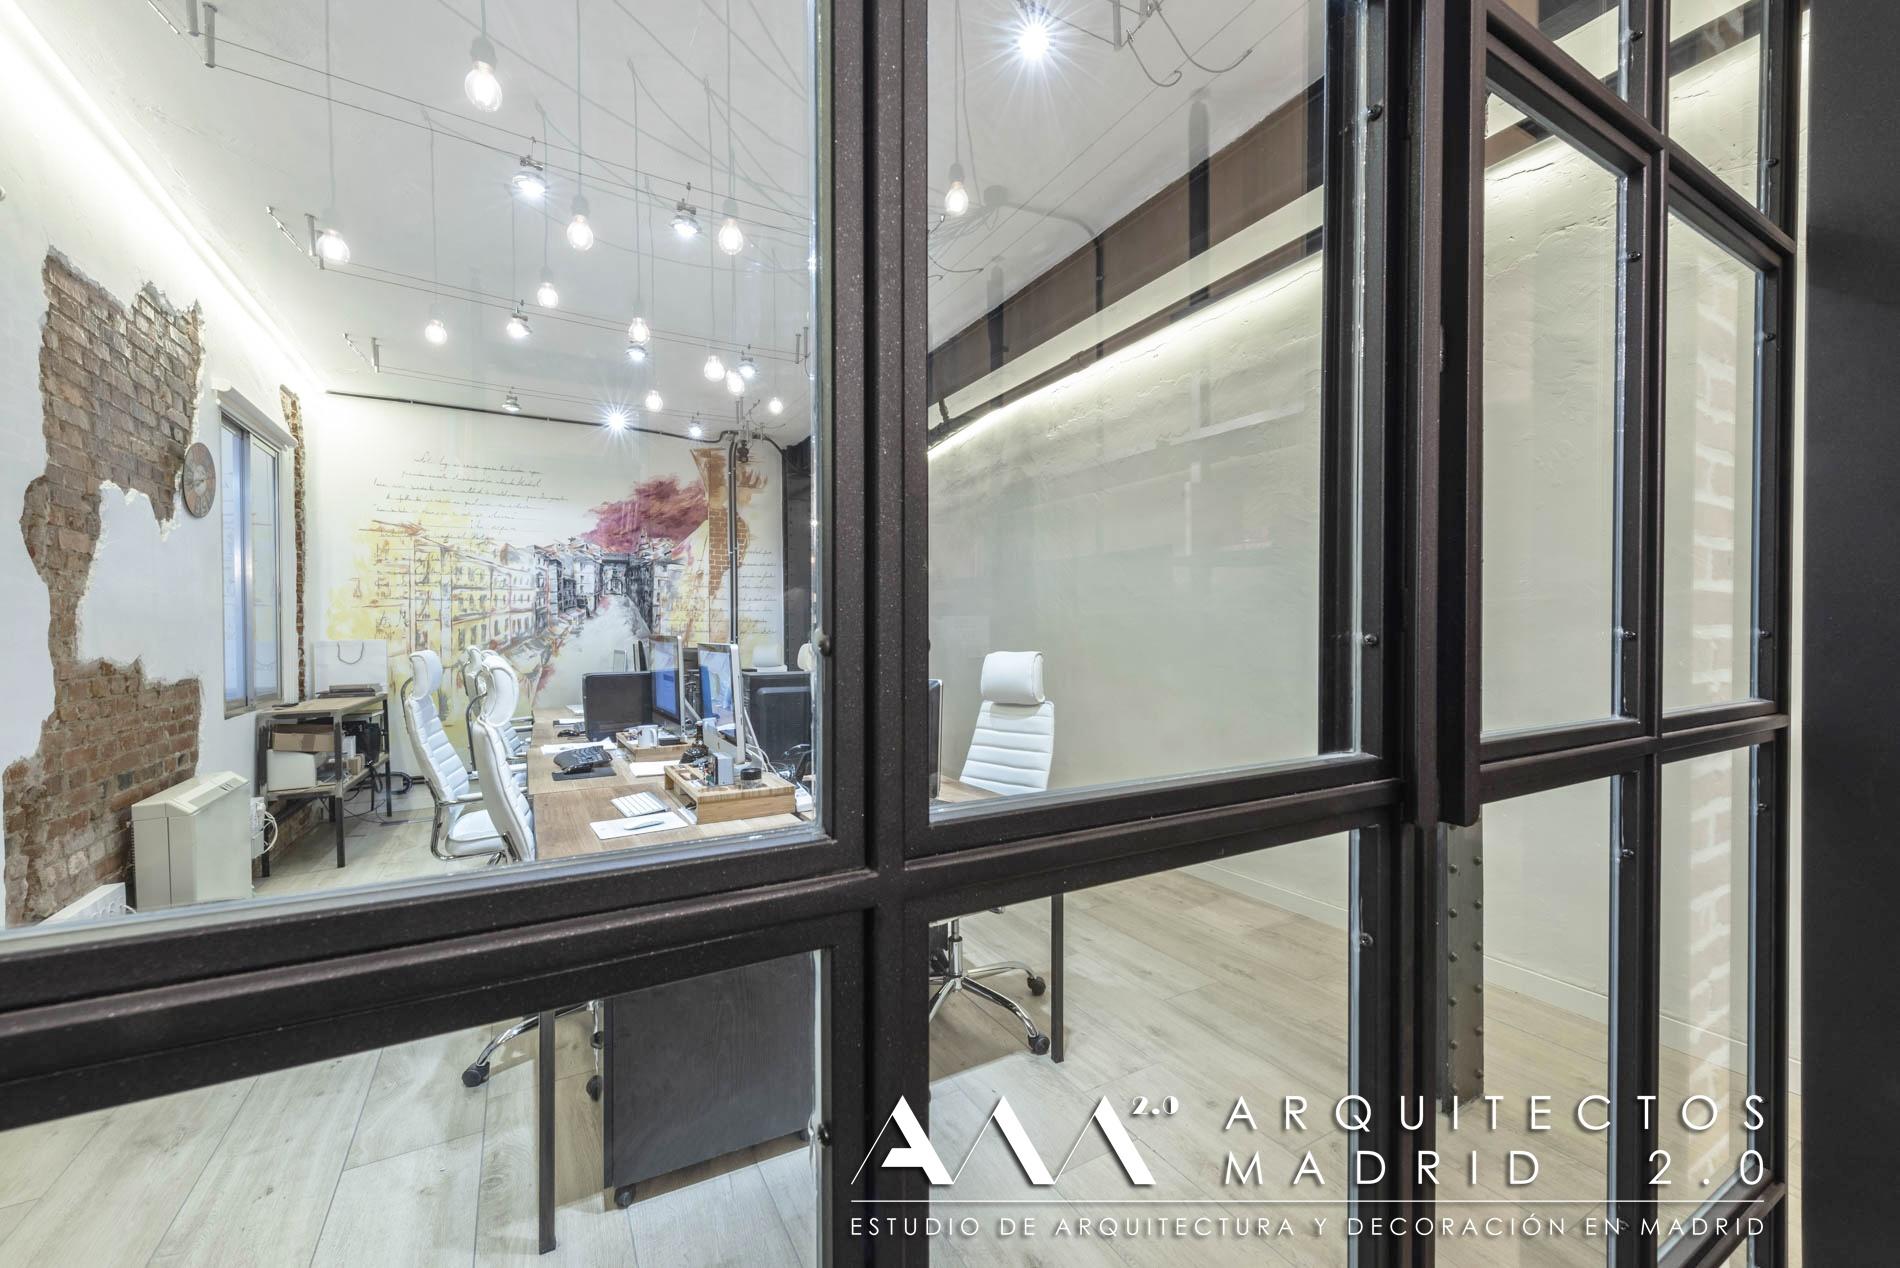 oficina-estudio-arquitectura-madrid-arquitectos-madrid-en-el-retiro-02